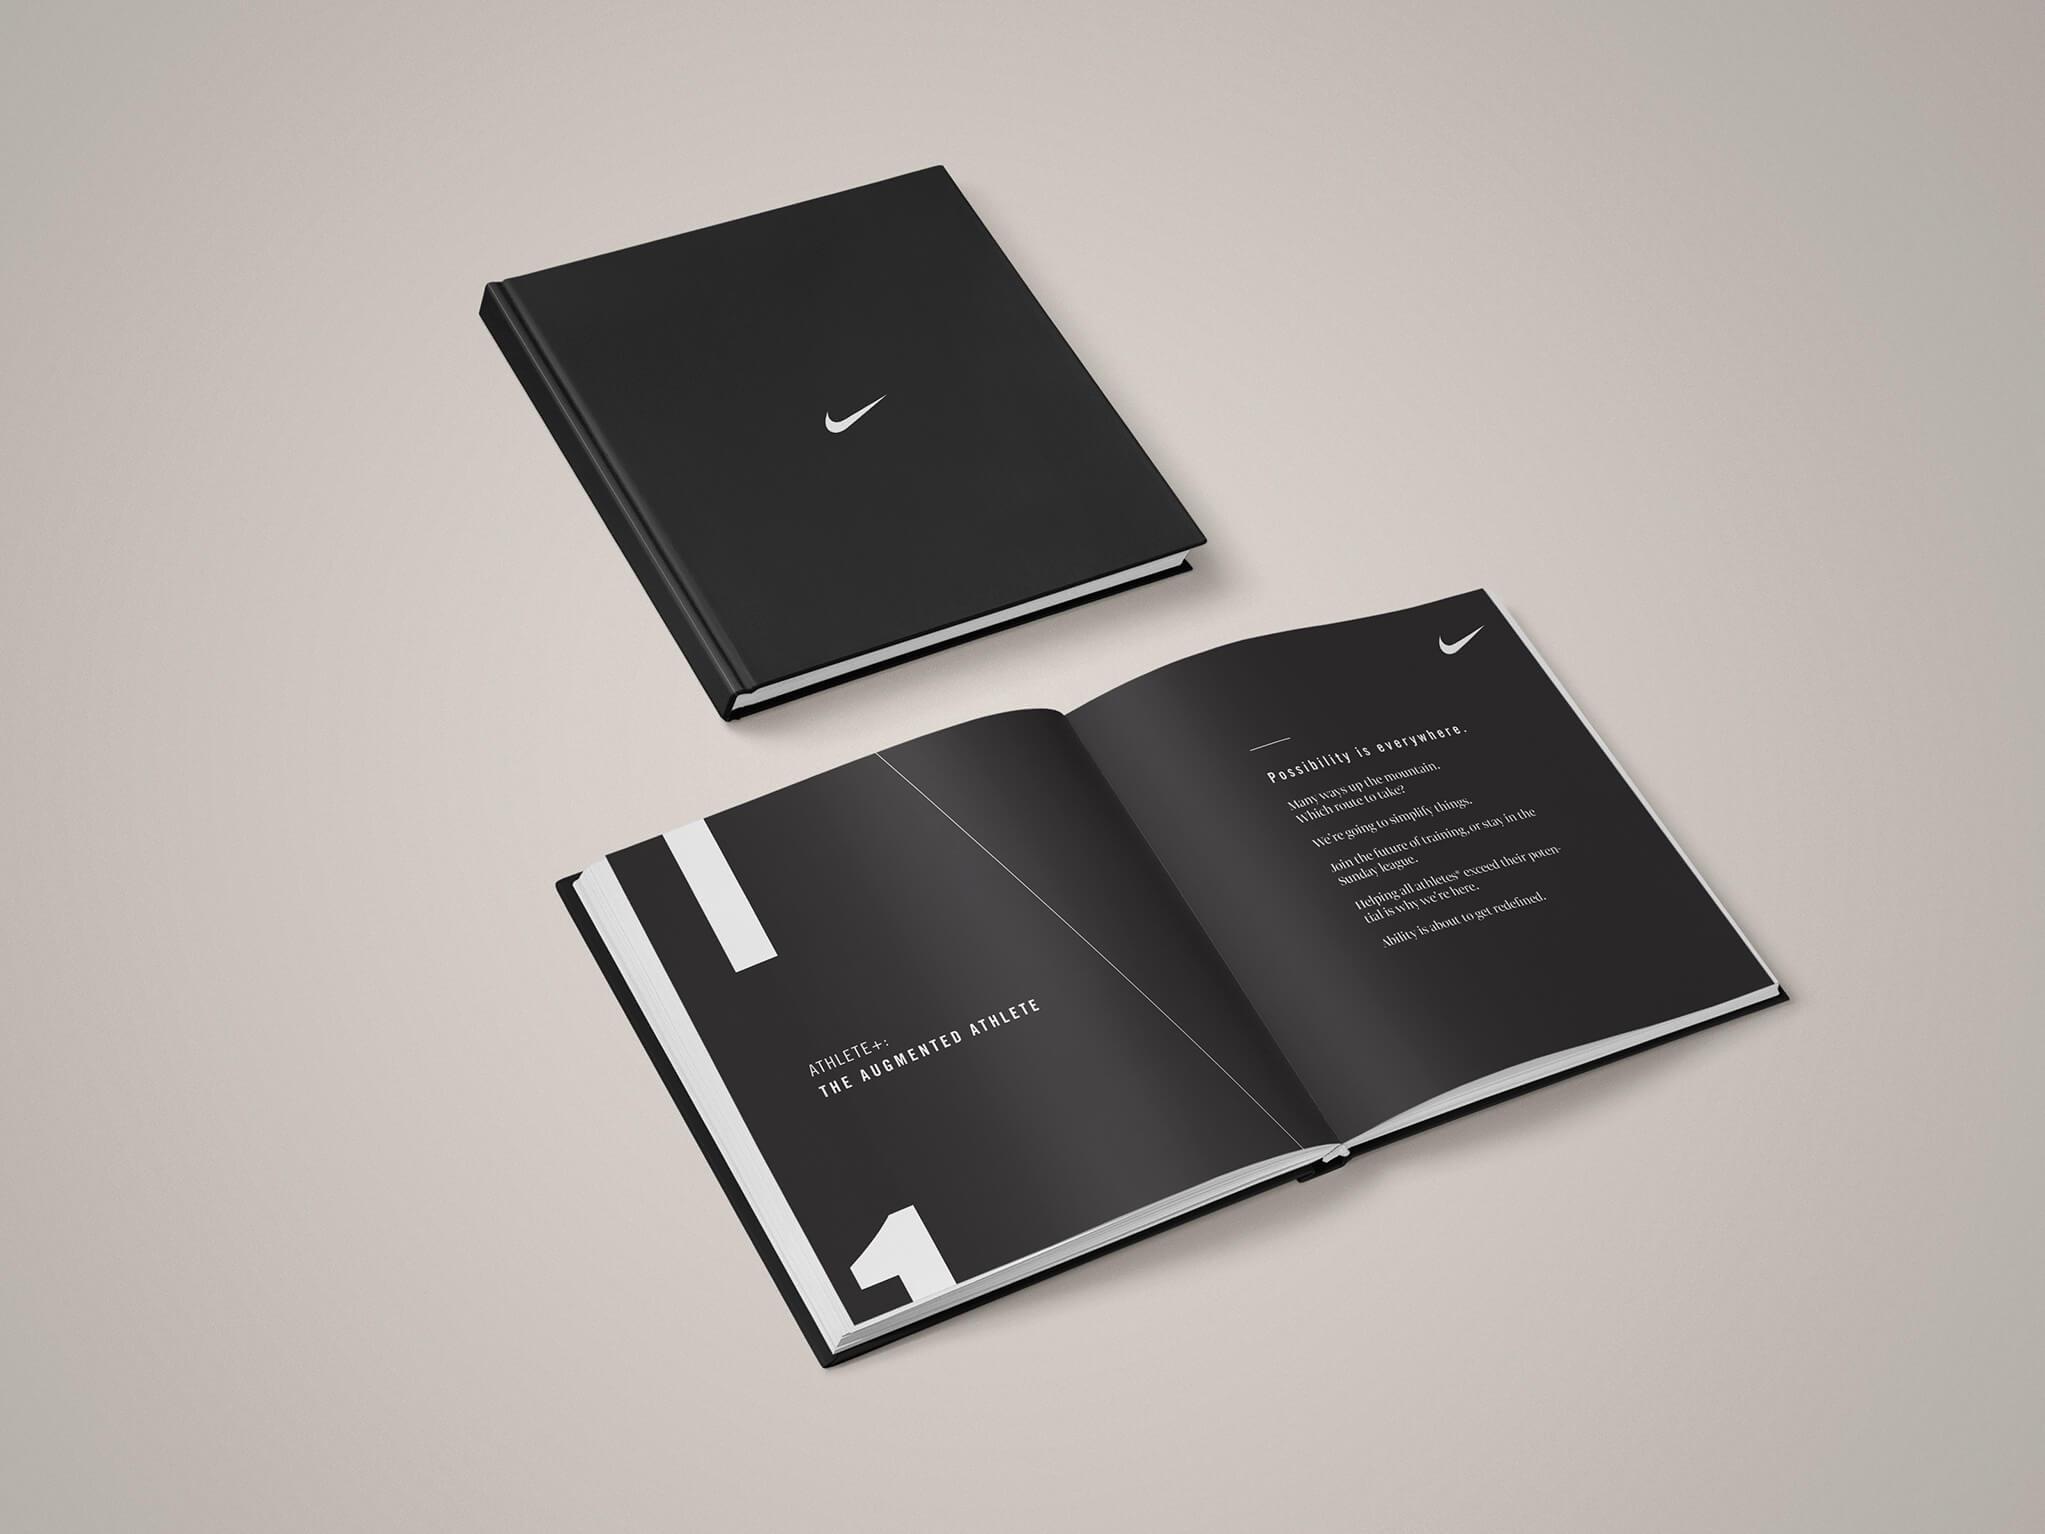 NIKE-BOOK20170507_014